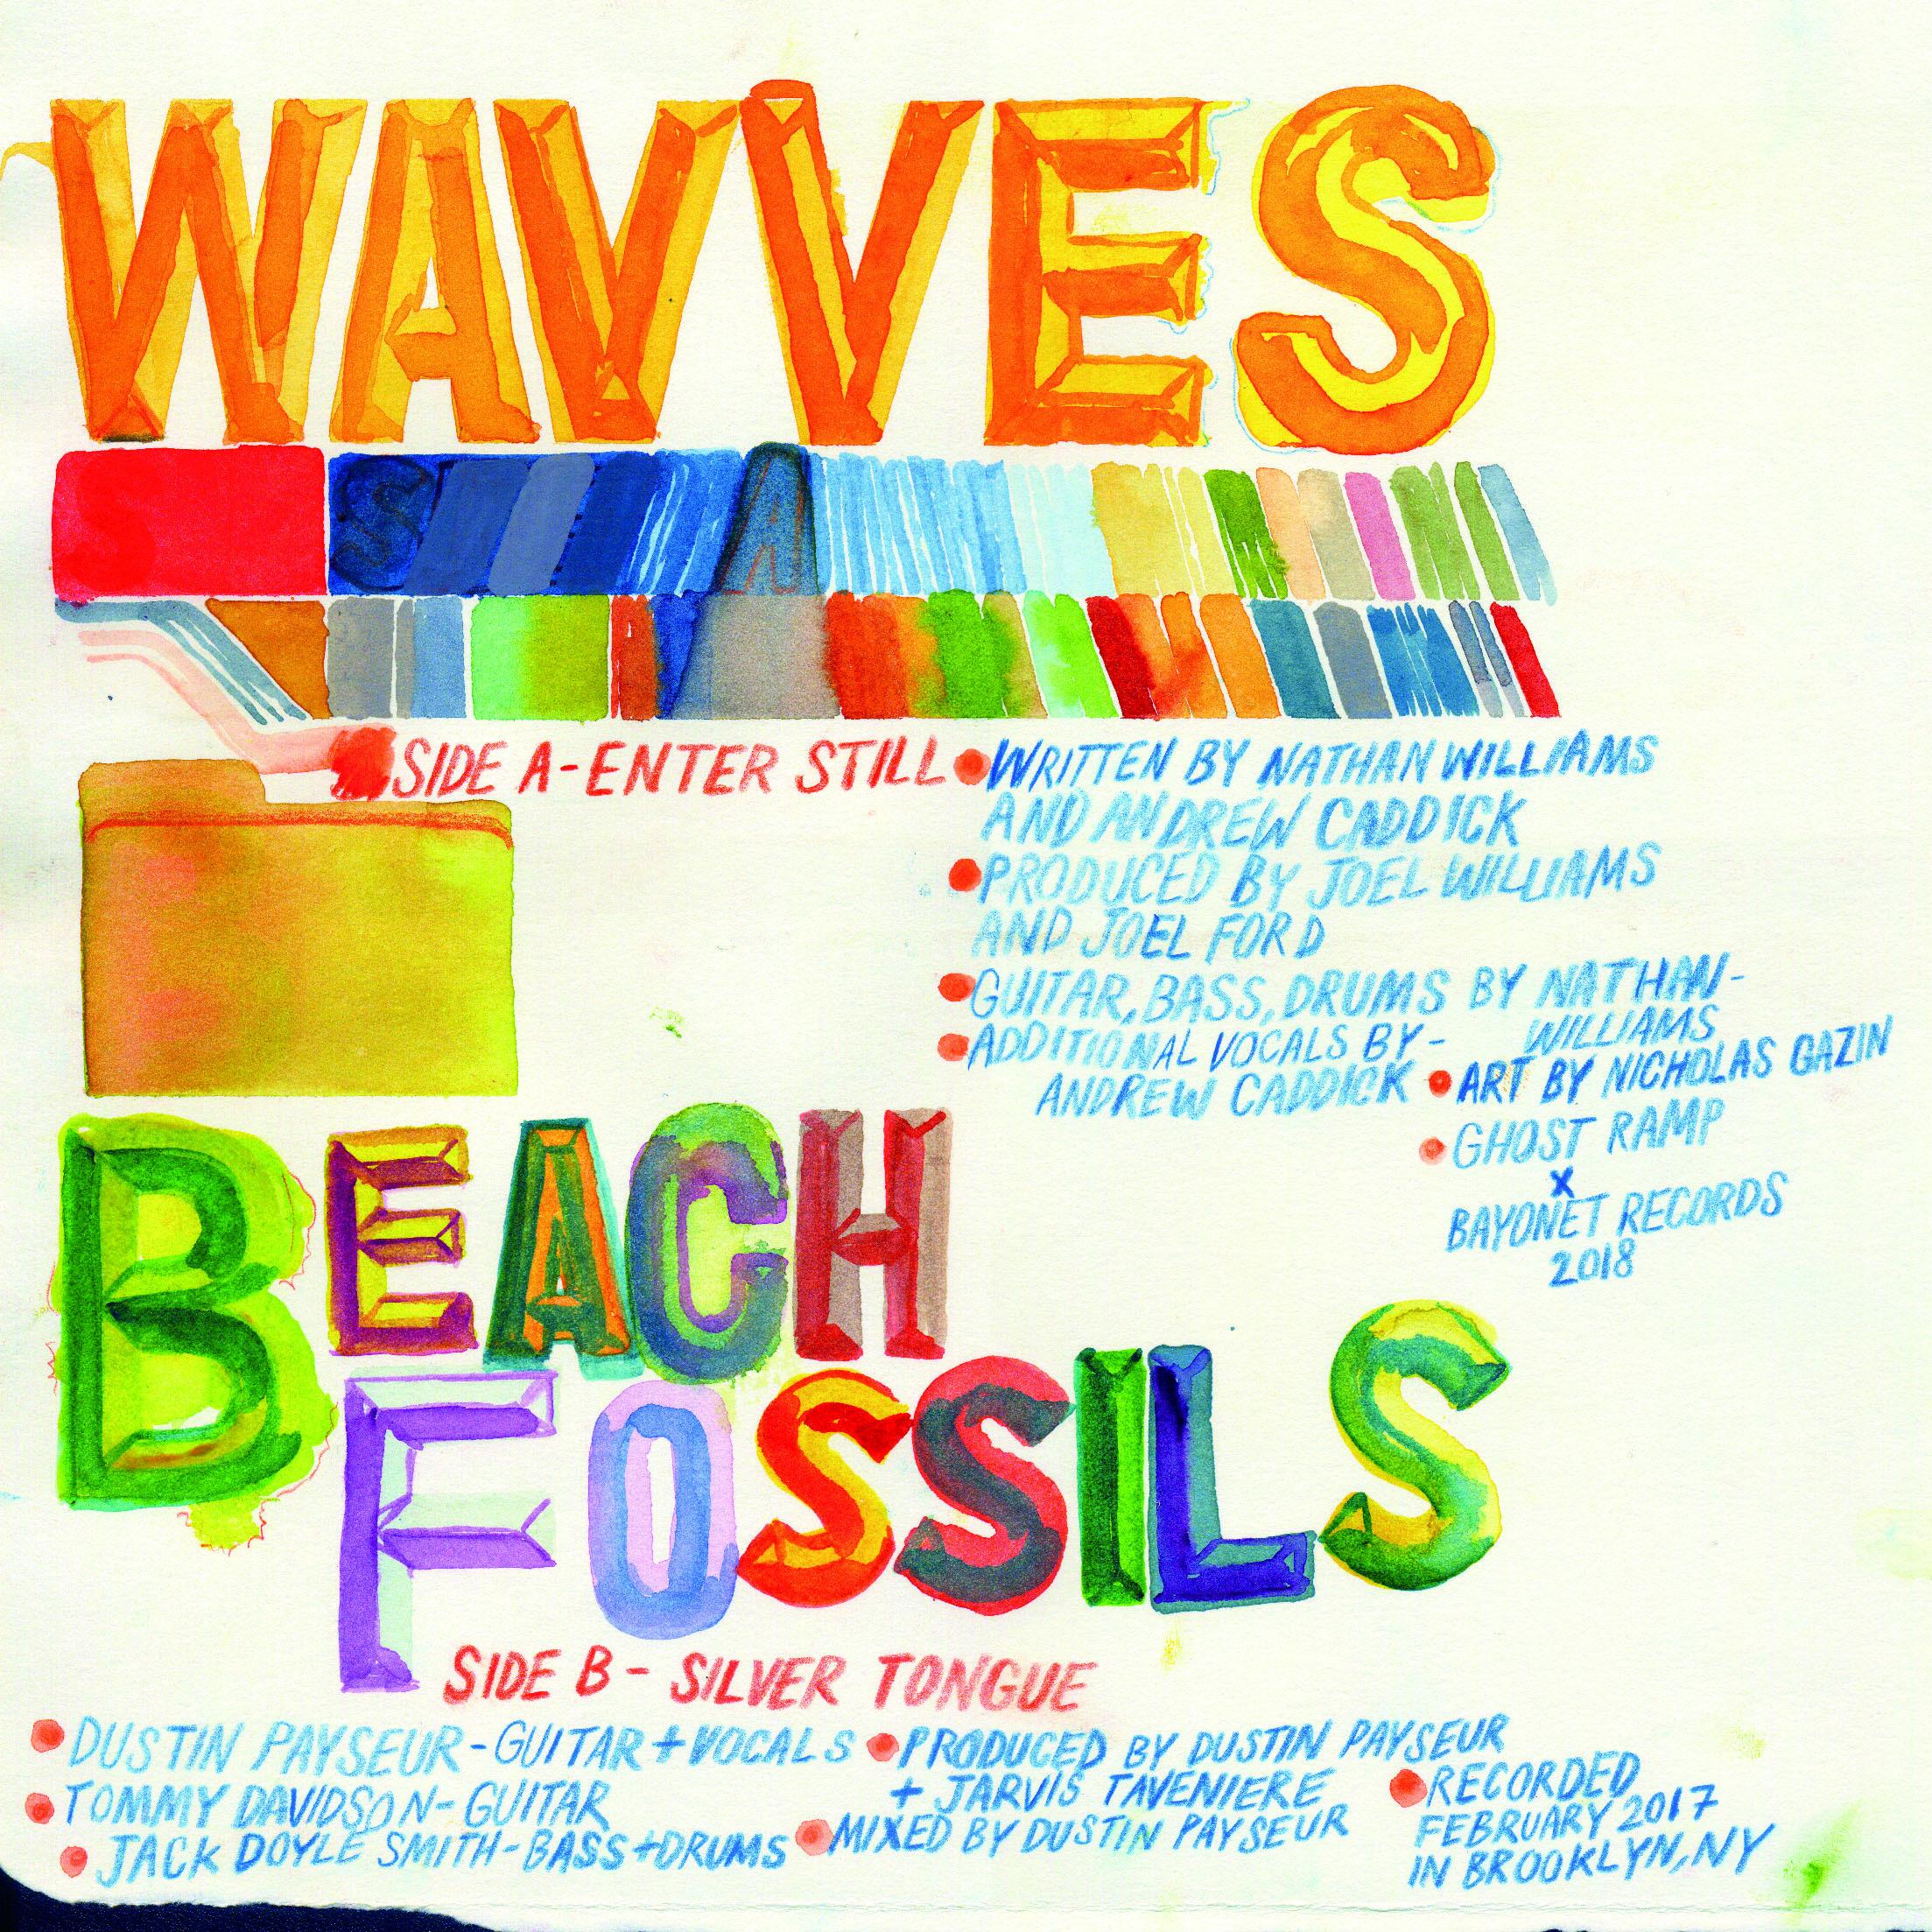 Wavves X Beach Fossils / Split(Ltd 7inch)